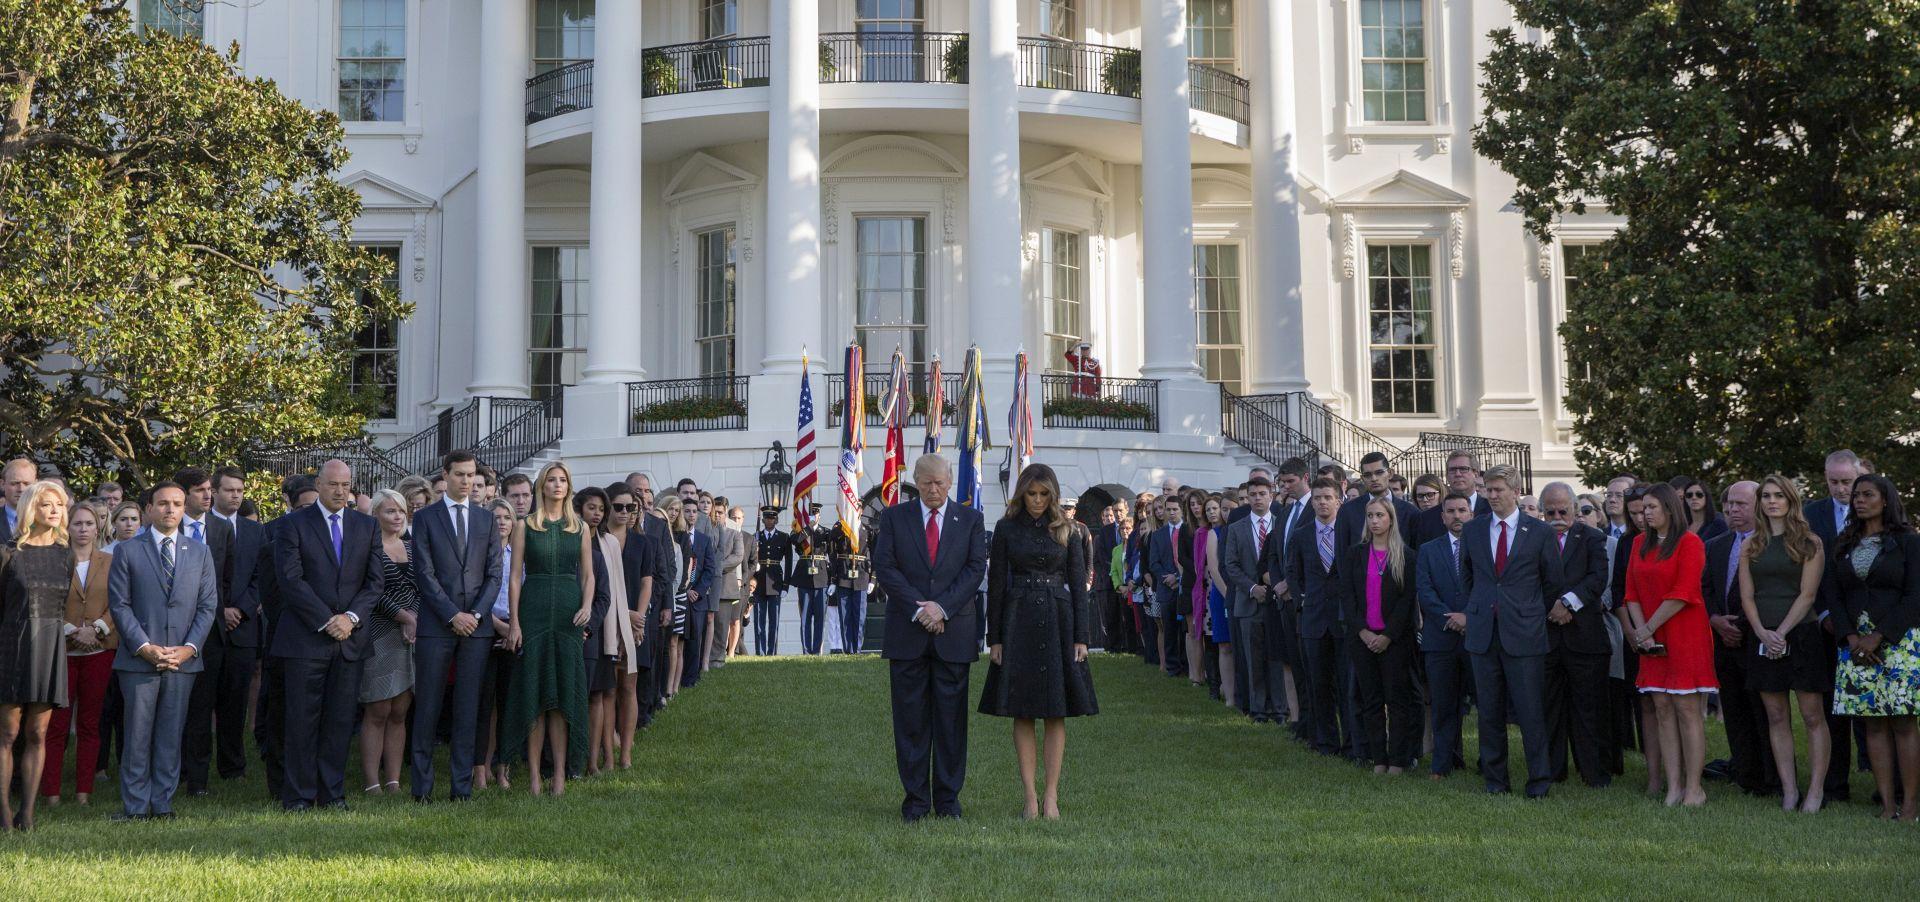 Trump povodom 11. rujna obećao pobijediti terorizam